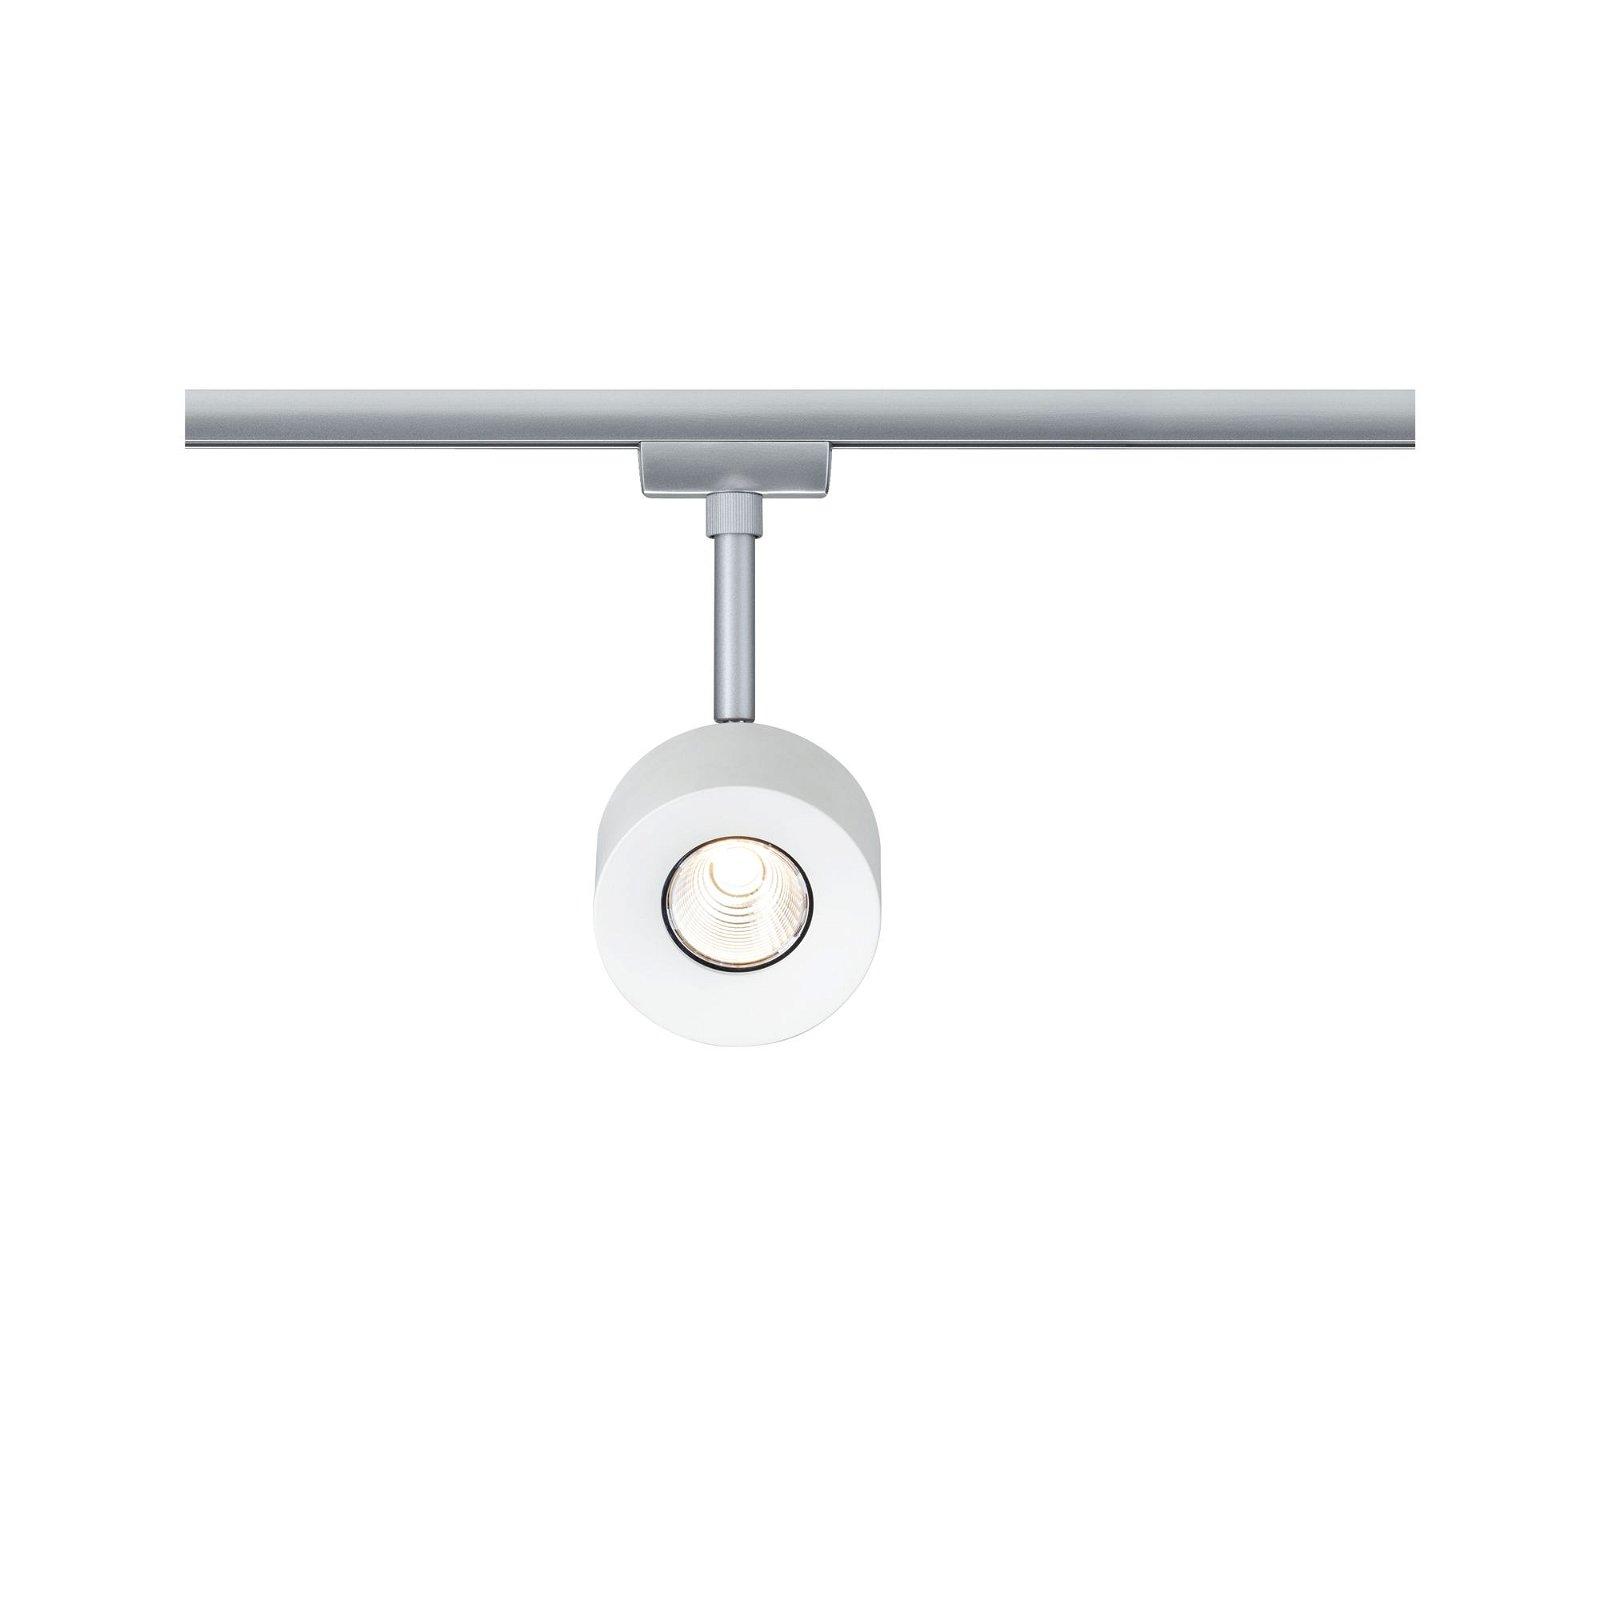 URail LED Schienenspot Pane 635lm 7,4W 2700K 230V Weiß/Chrom matt